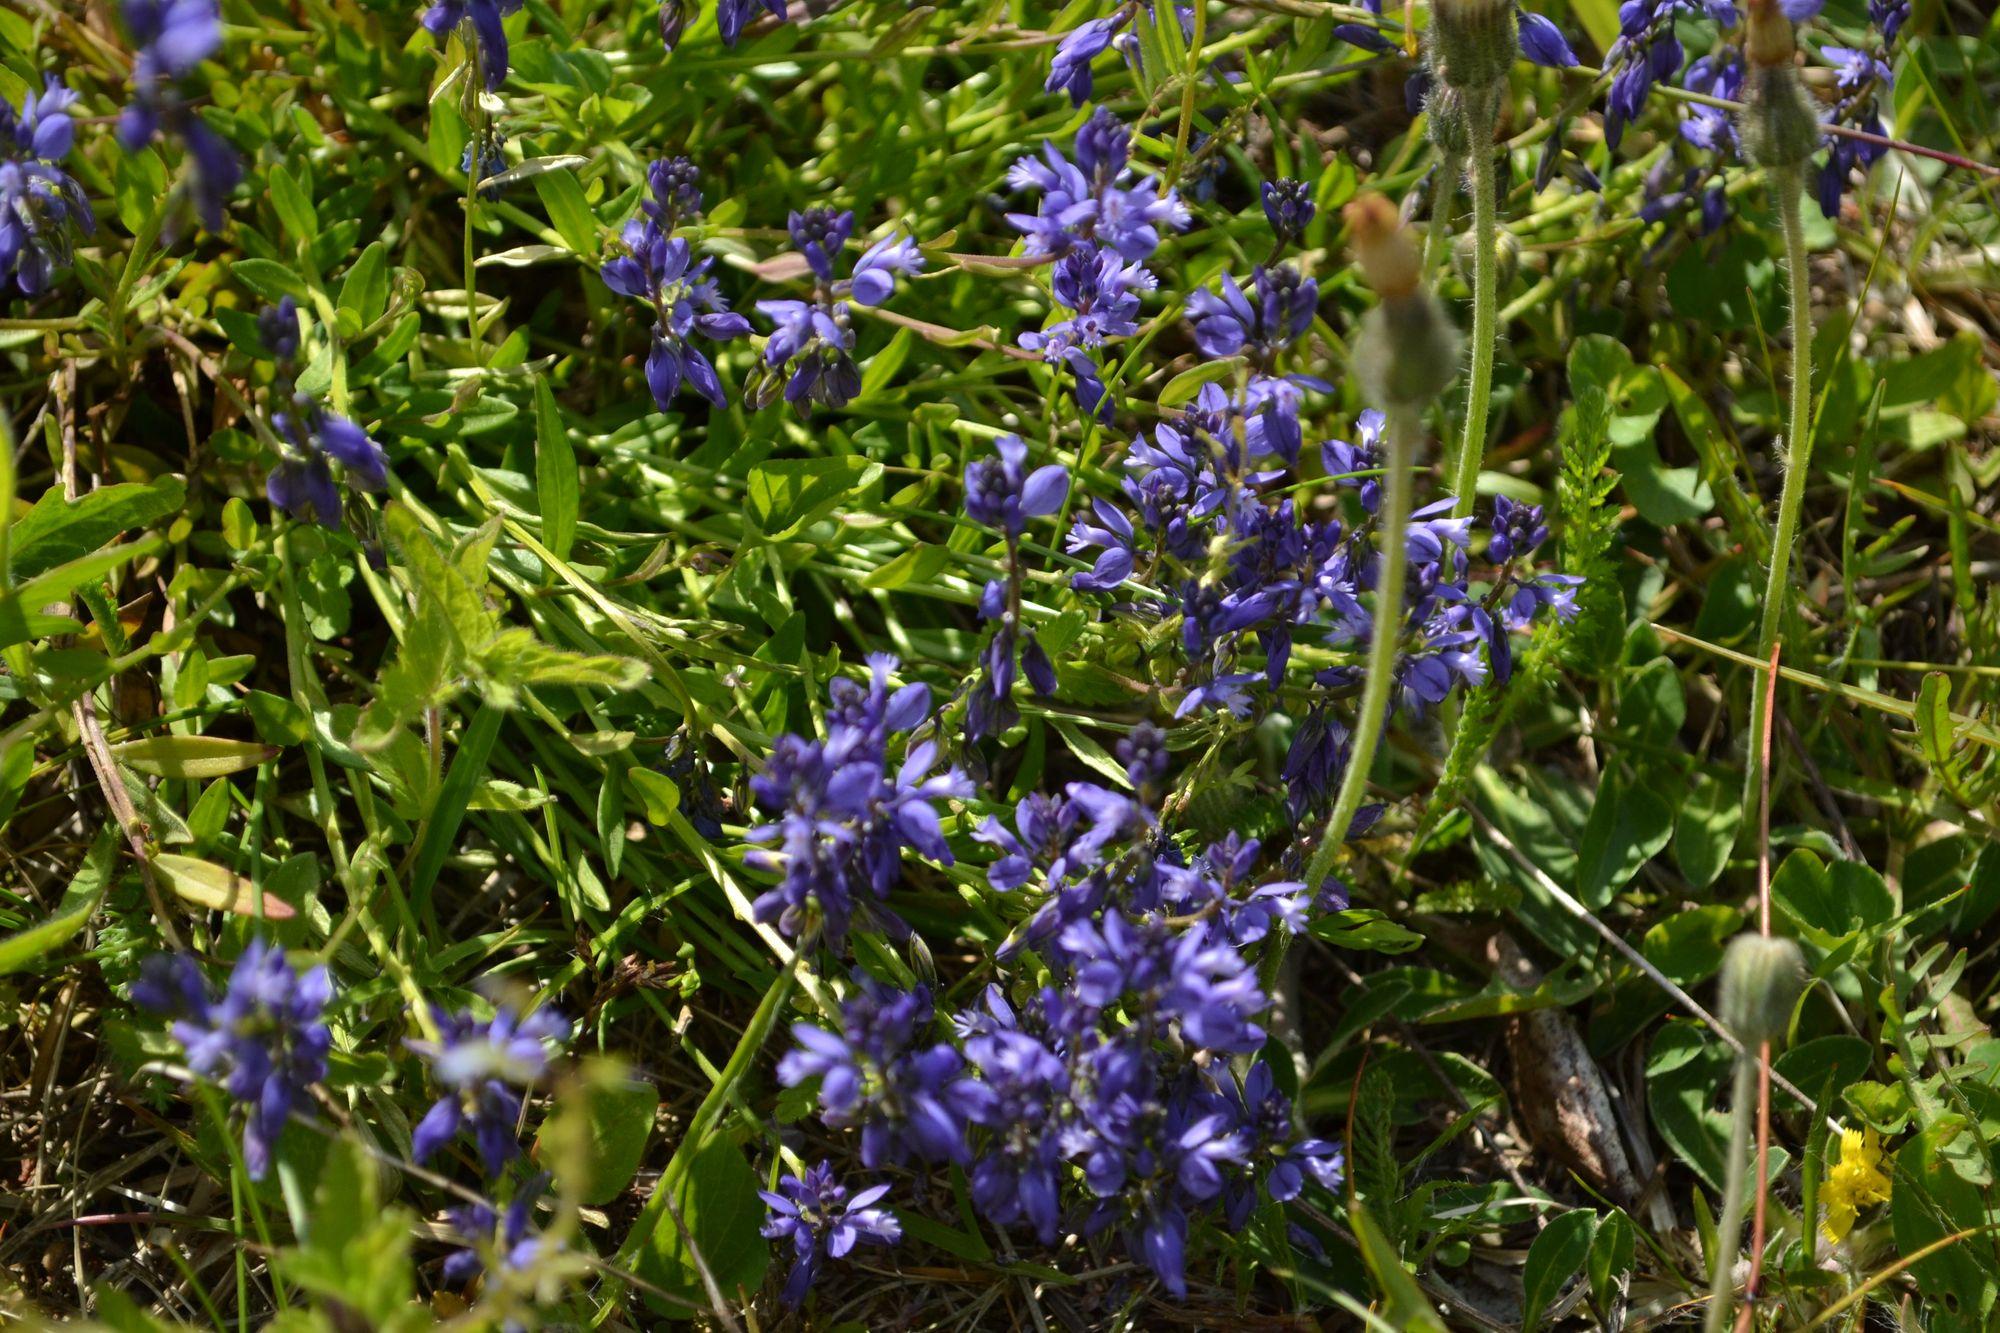 Paprastoji putokšlė (Polygala vulgaris)